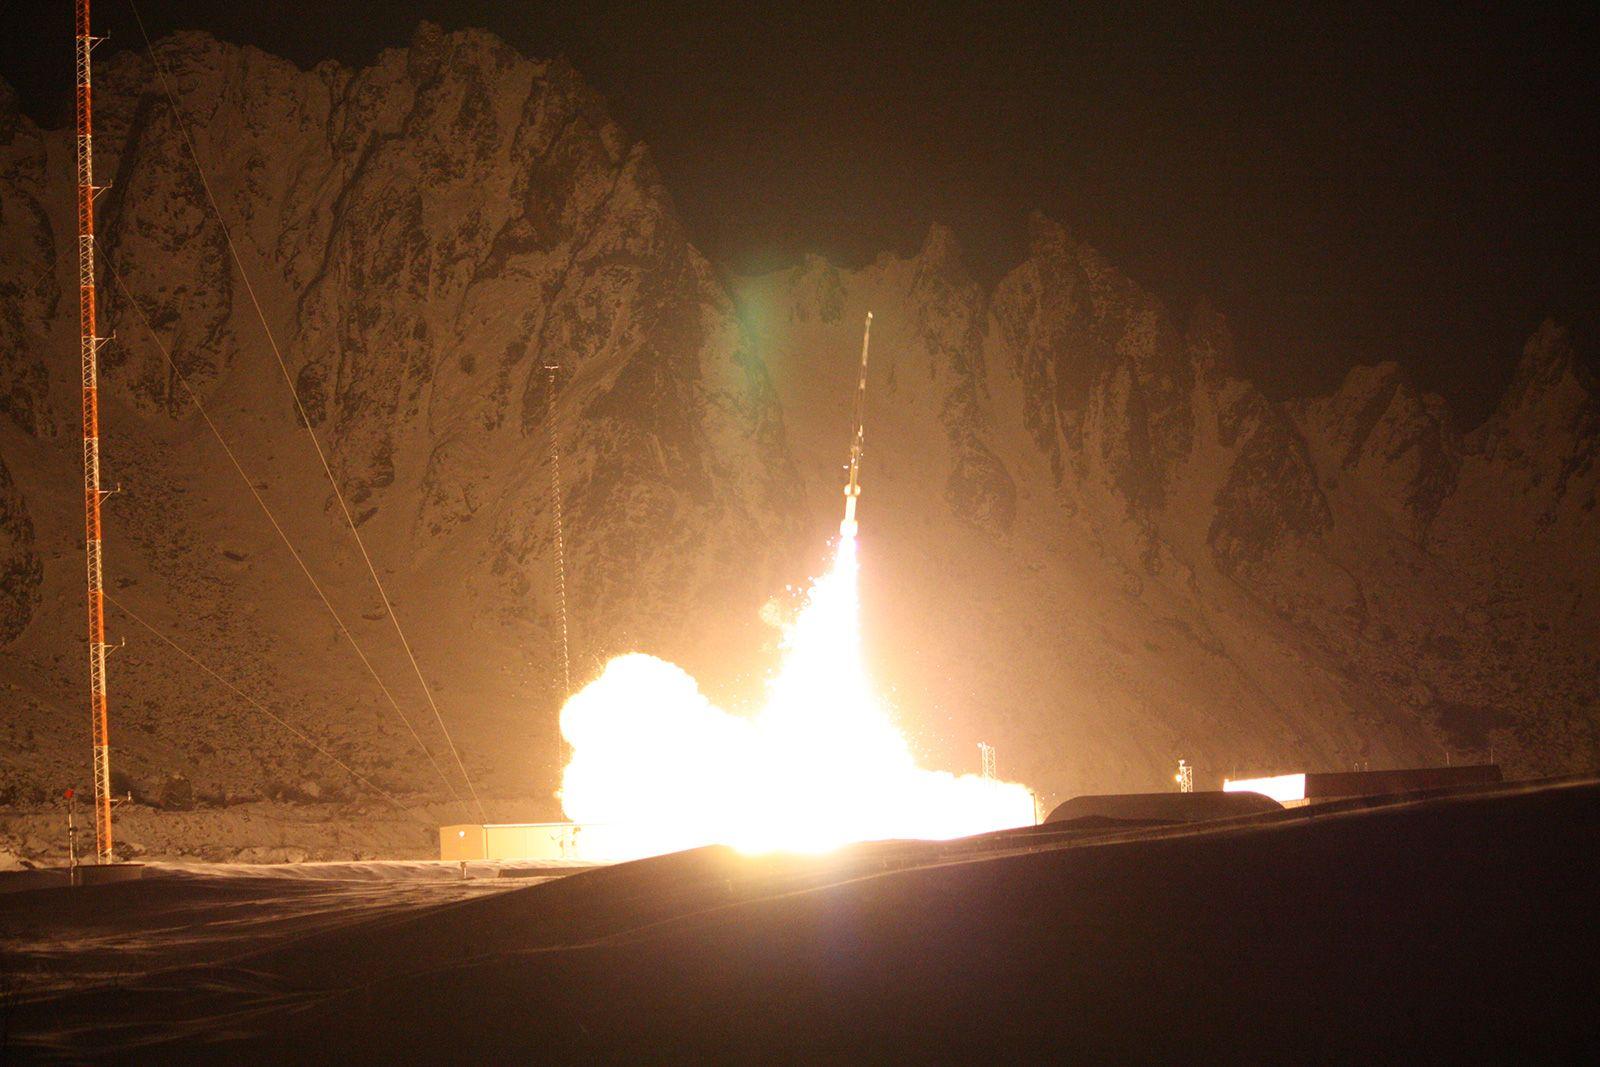 Denne NASA-raketten ble skutt opp fra Andøya Rakettskytefelt i desember 2010.